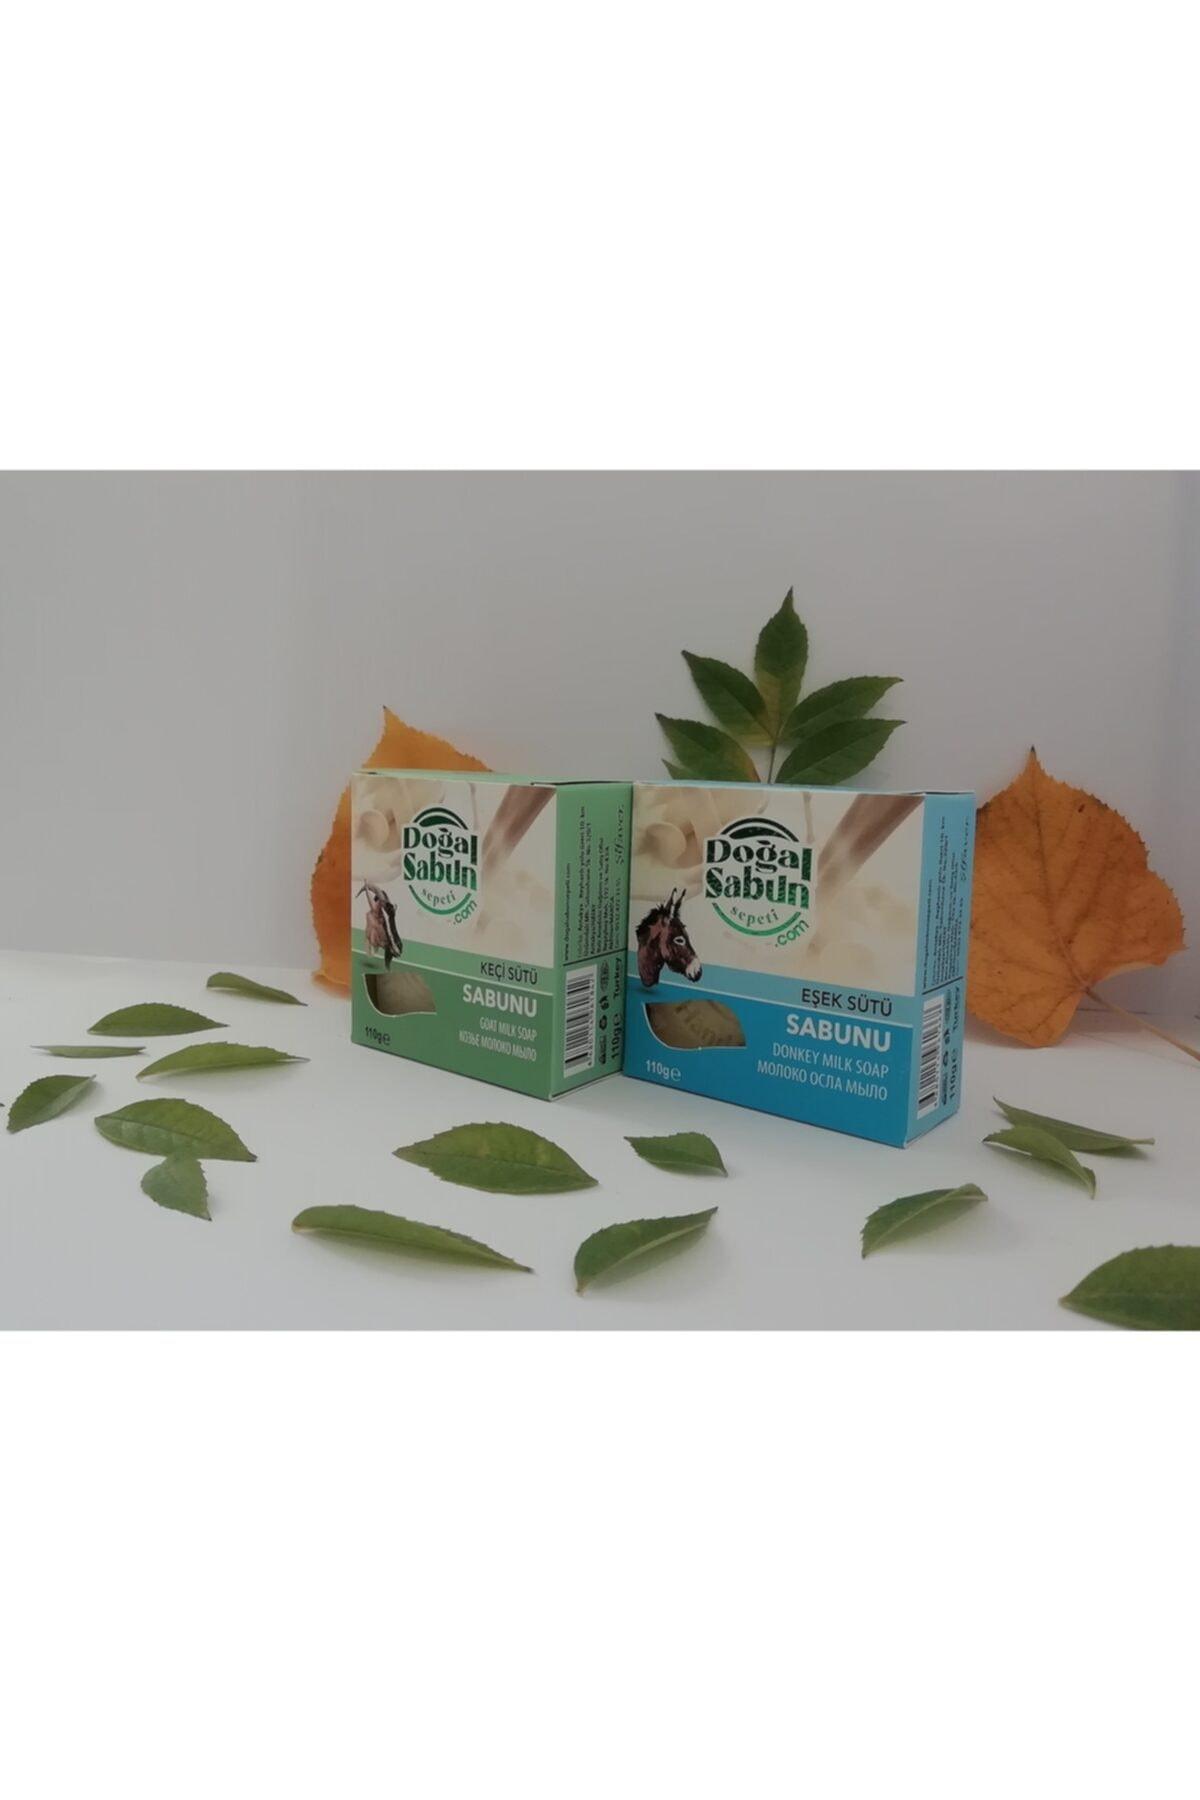 DOĞAL SABUN SEPETİ Keçi Sütü Sabunu+eşek Sütü Sabunu 1